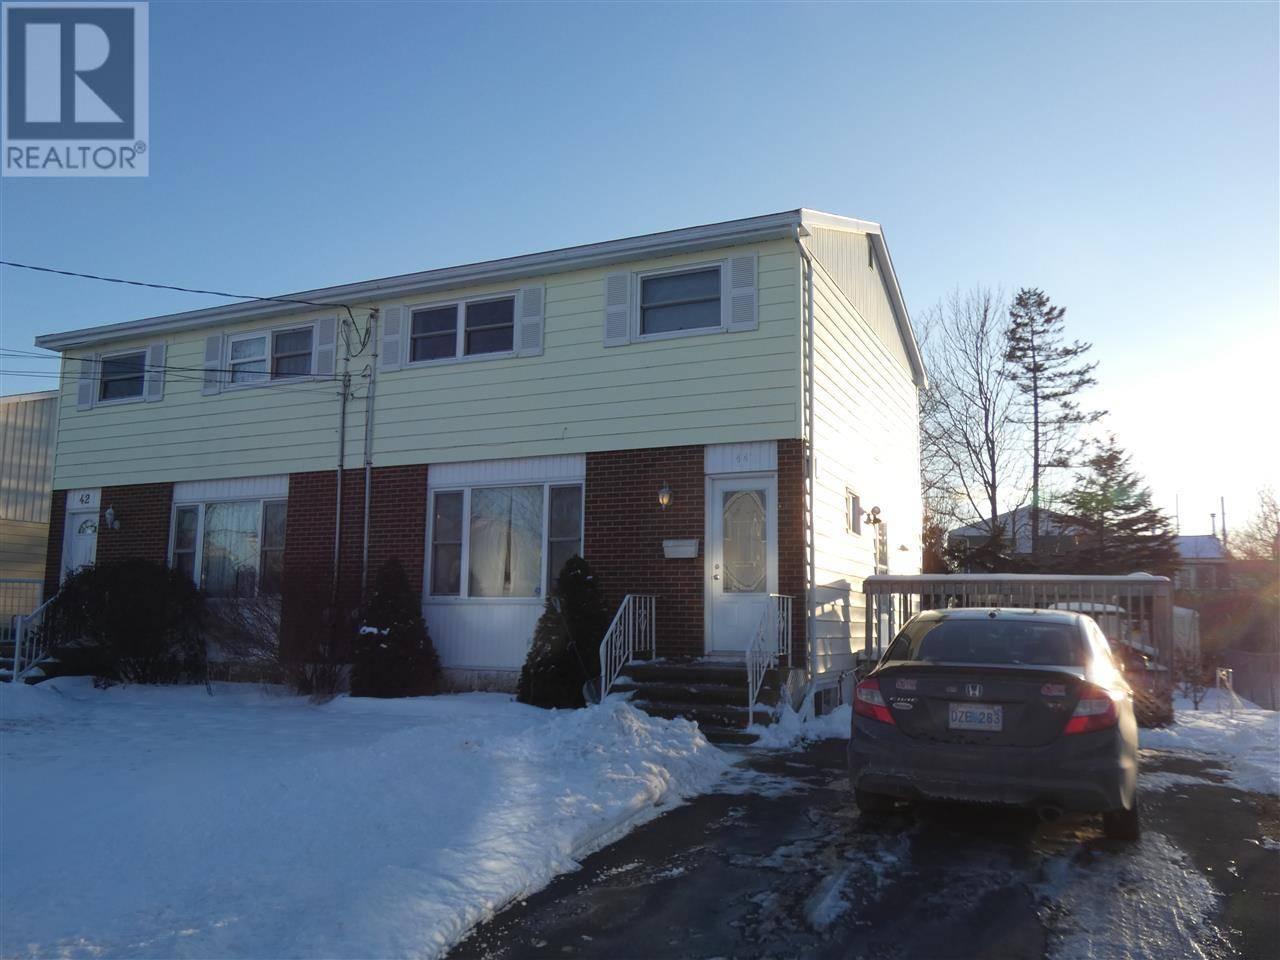 House for sale at 44 Shrewsbury Rd Dartmouth Nova Scotia - MLS: 202001134